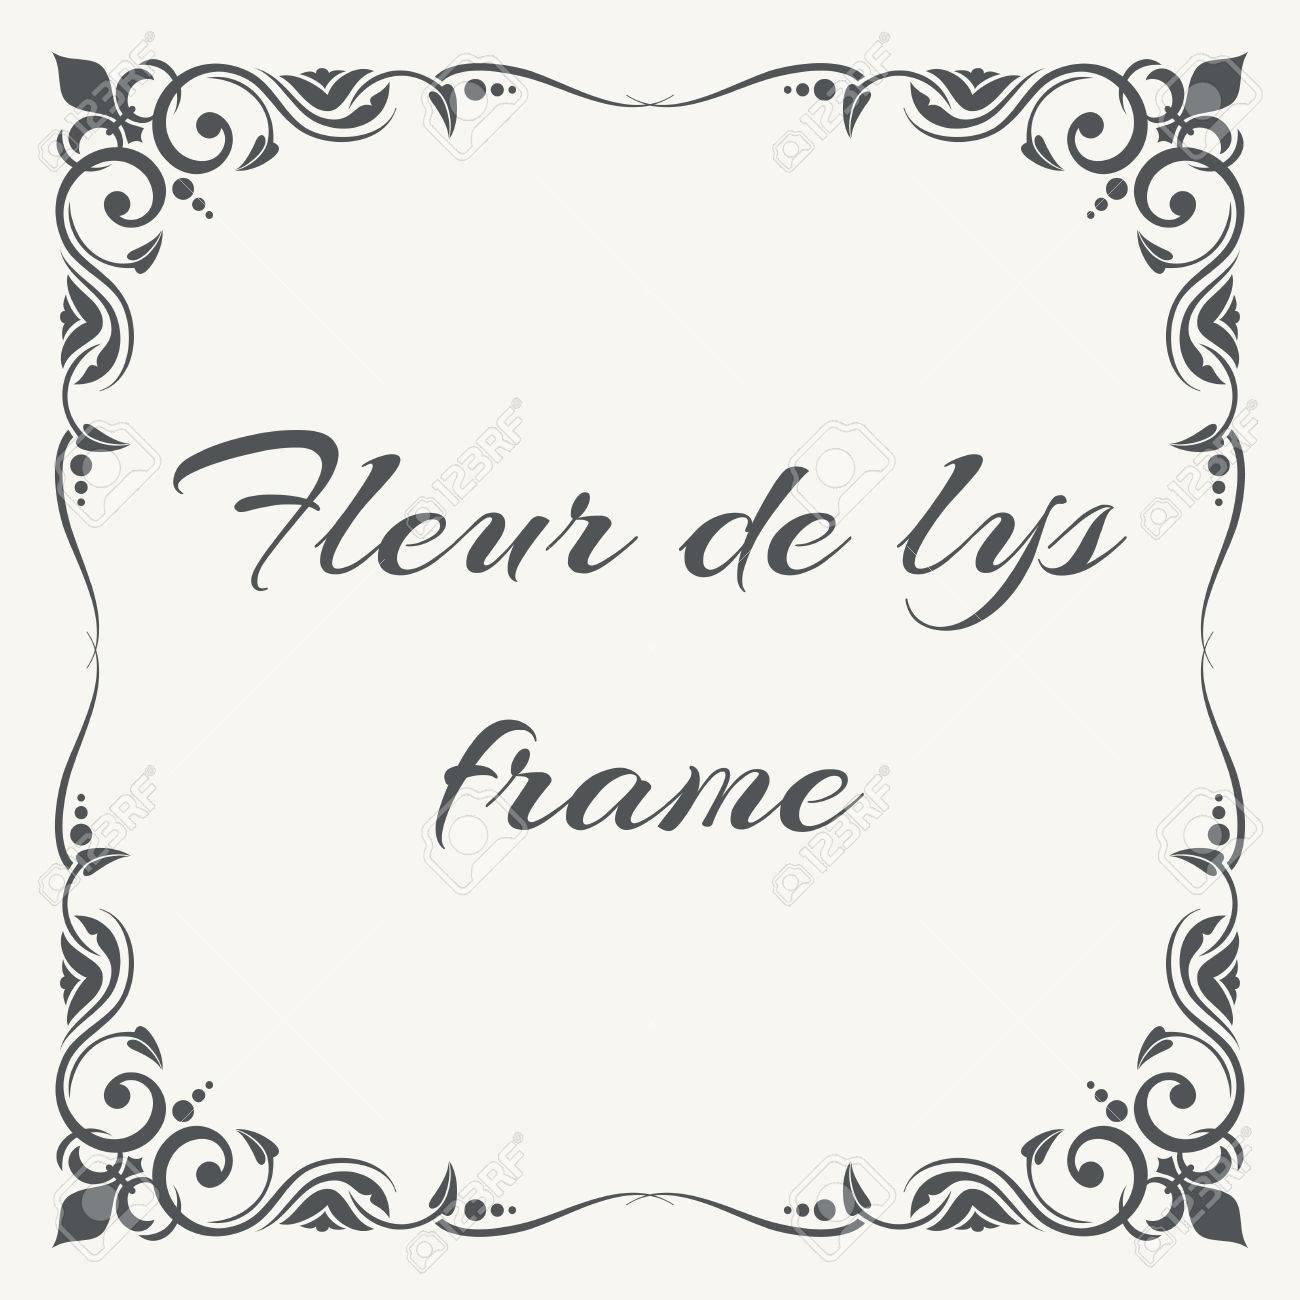 fleur de lys ornate frame white background floral frame vector